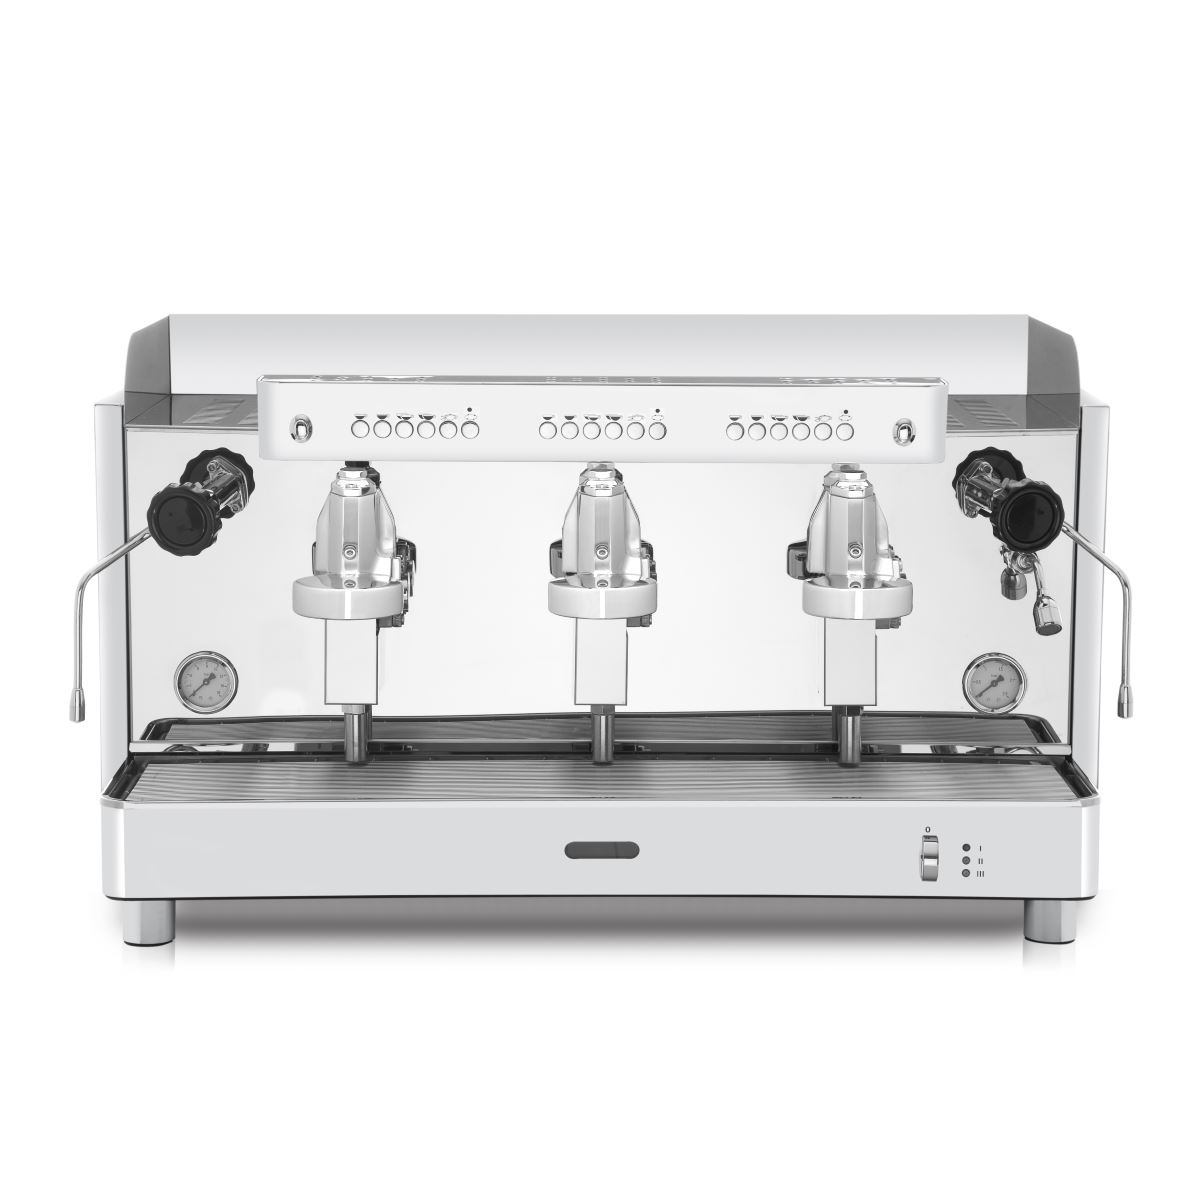 Macchina caffè professionale Vibiemme Replica 2B Elettronica, 3 gruppi